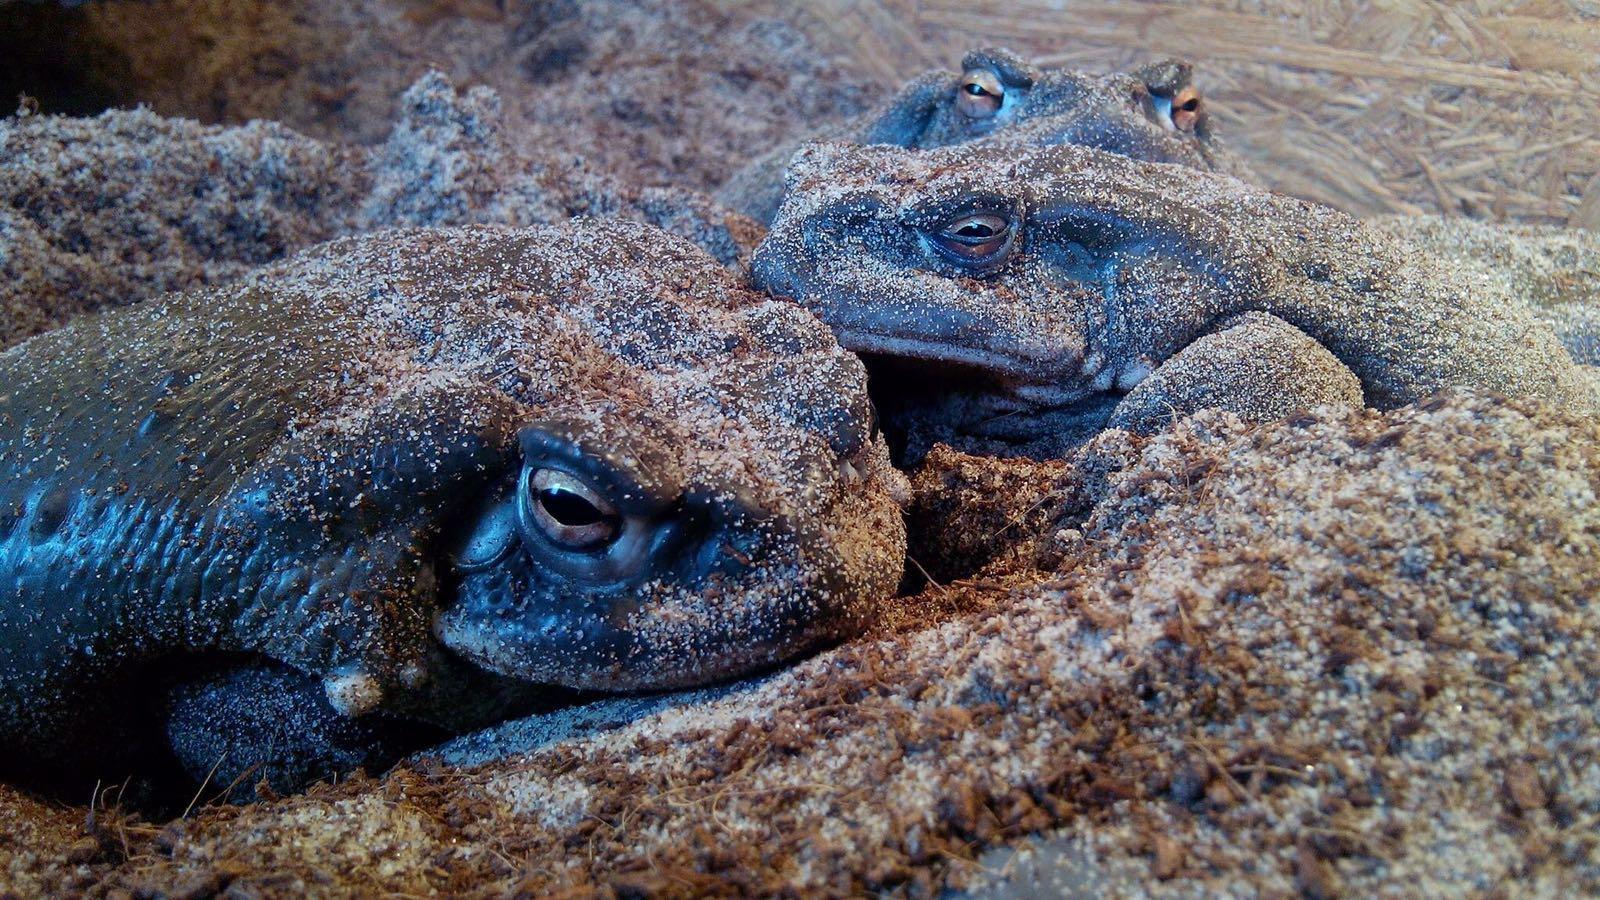 Magic Toad - 5MeO DMT - Psilohuasca com